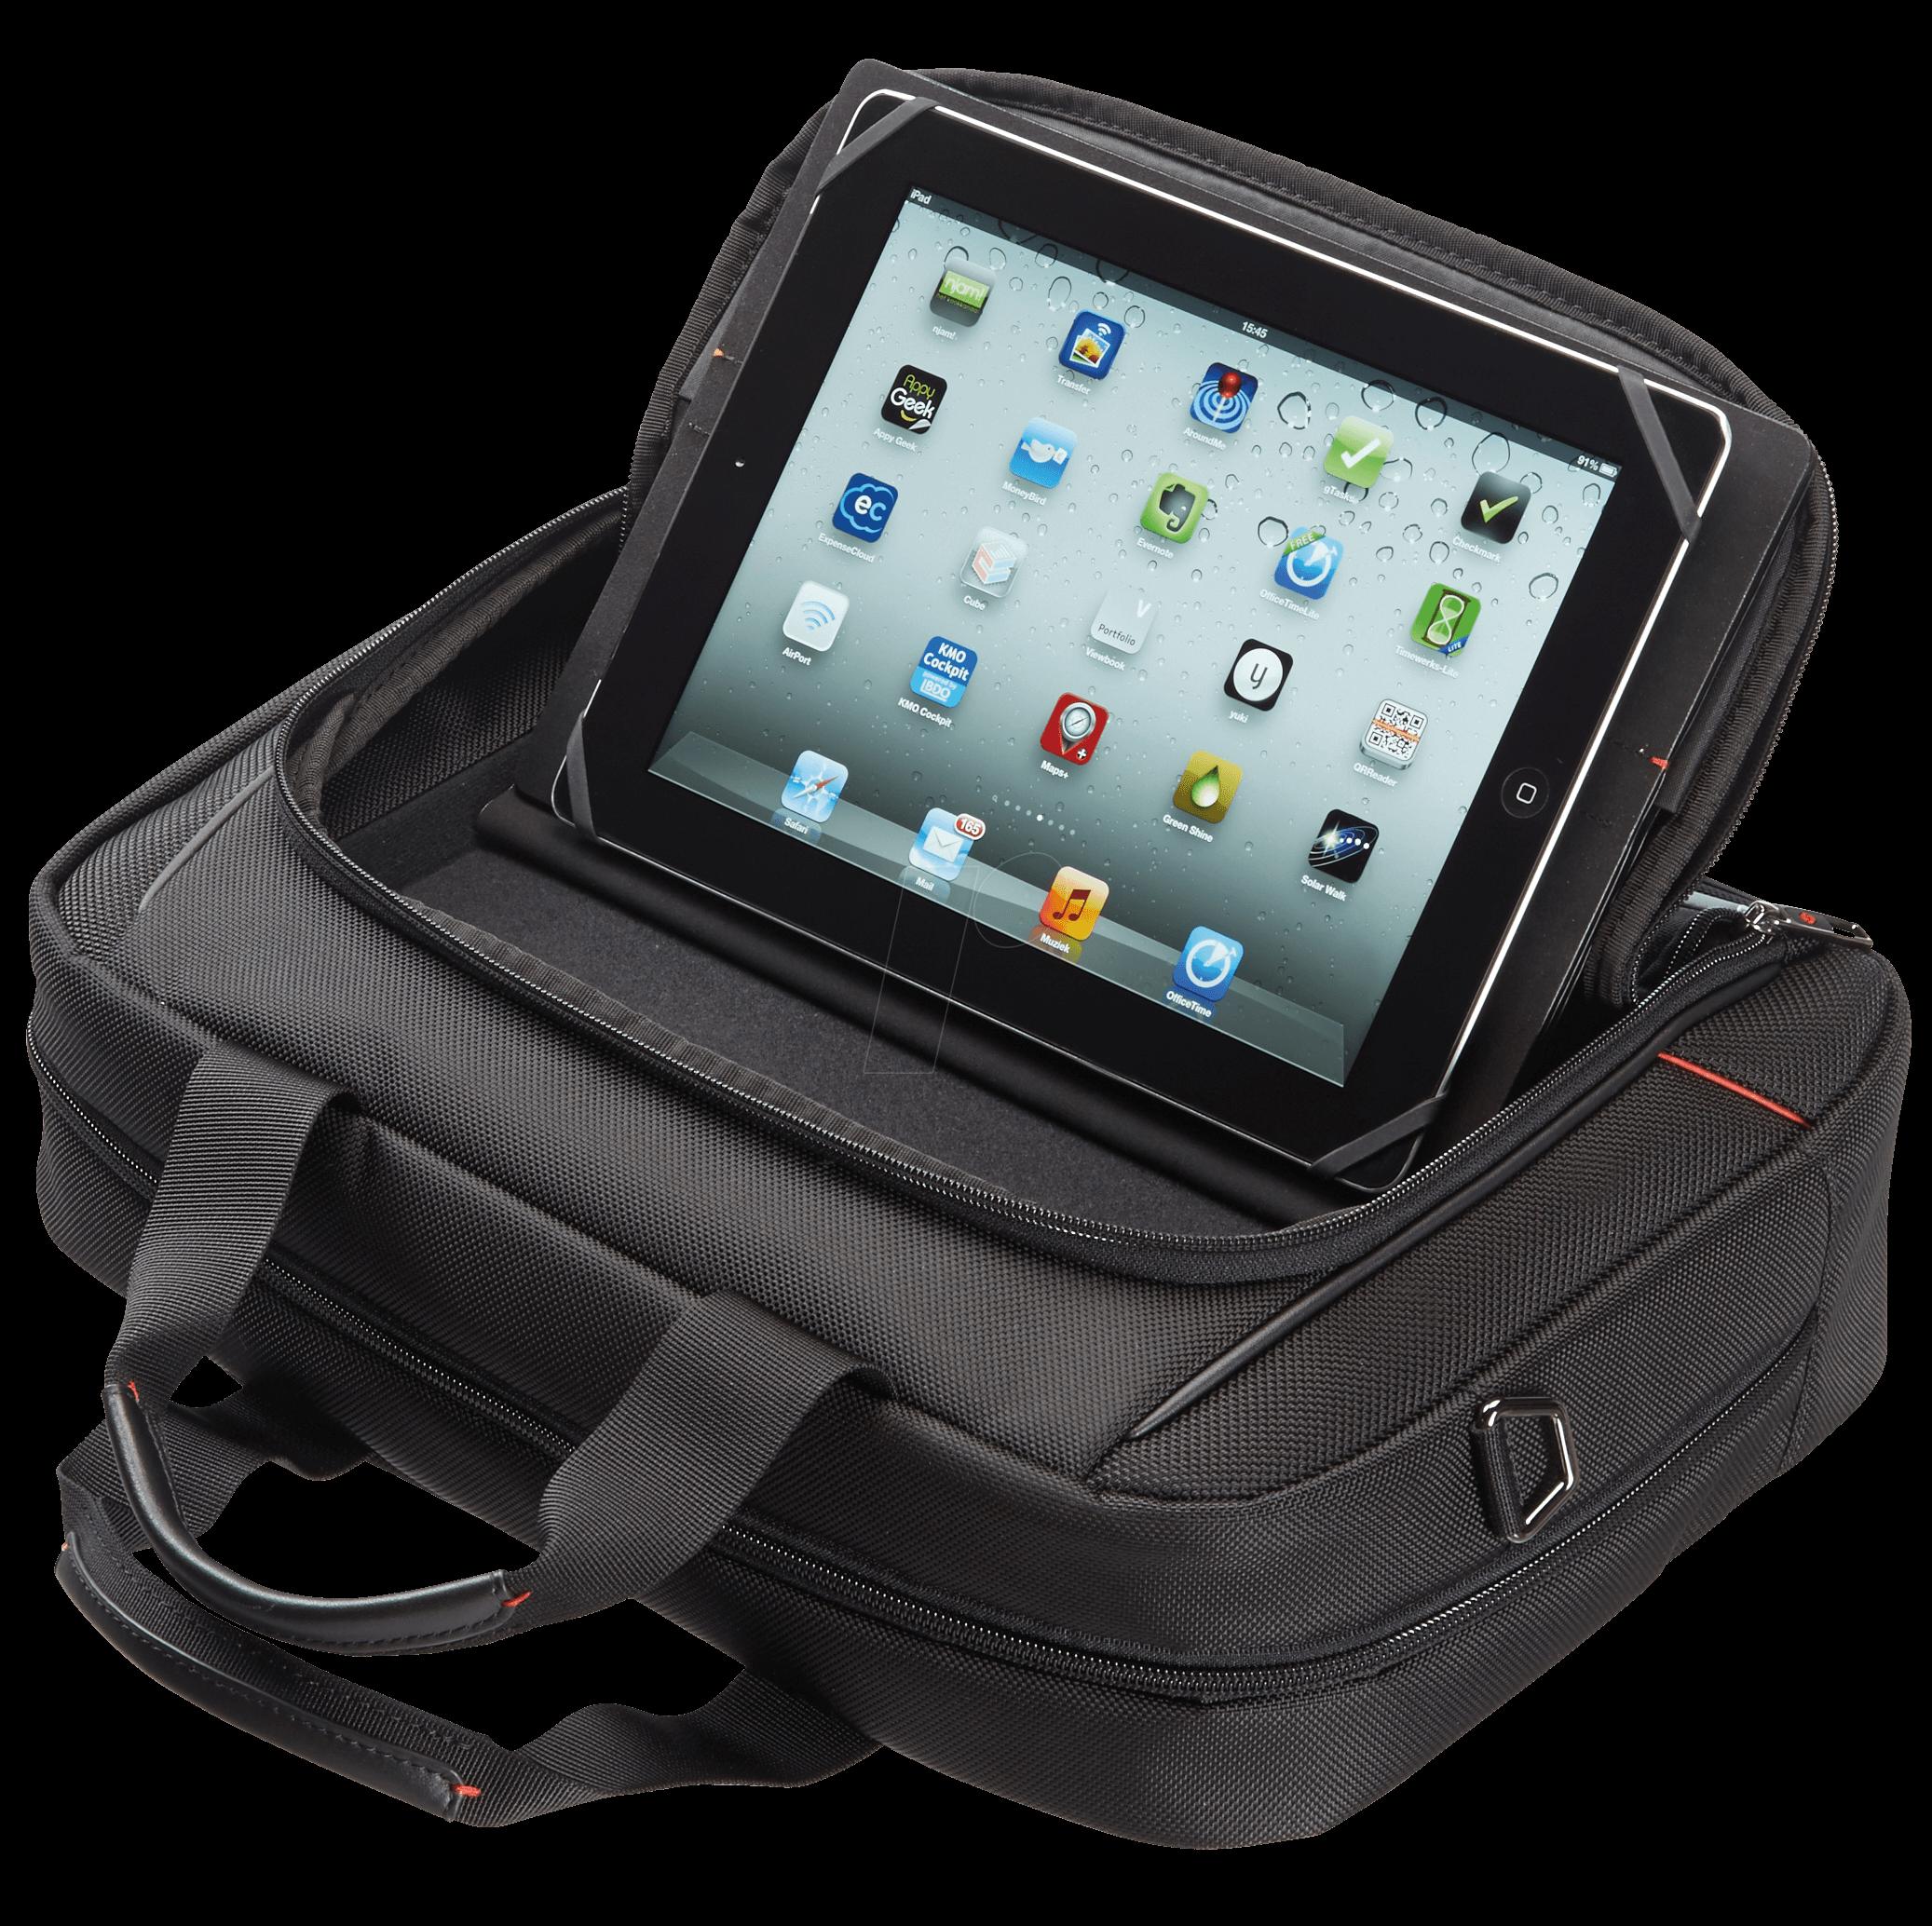 SAMSONITE68288 - Tablet-Zubehör, Tasche, mit Ta...